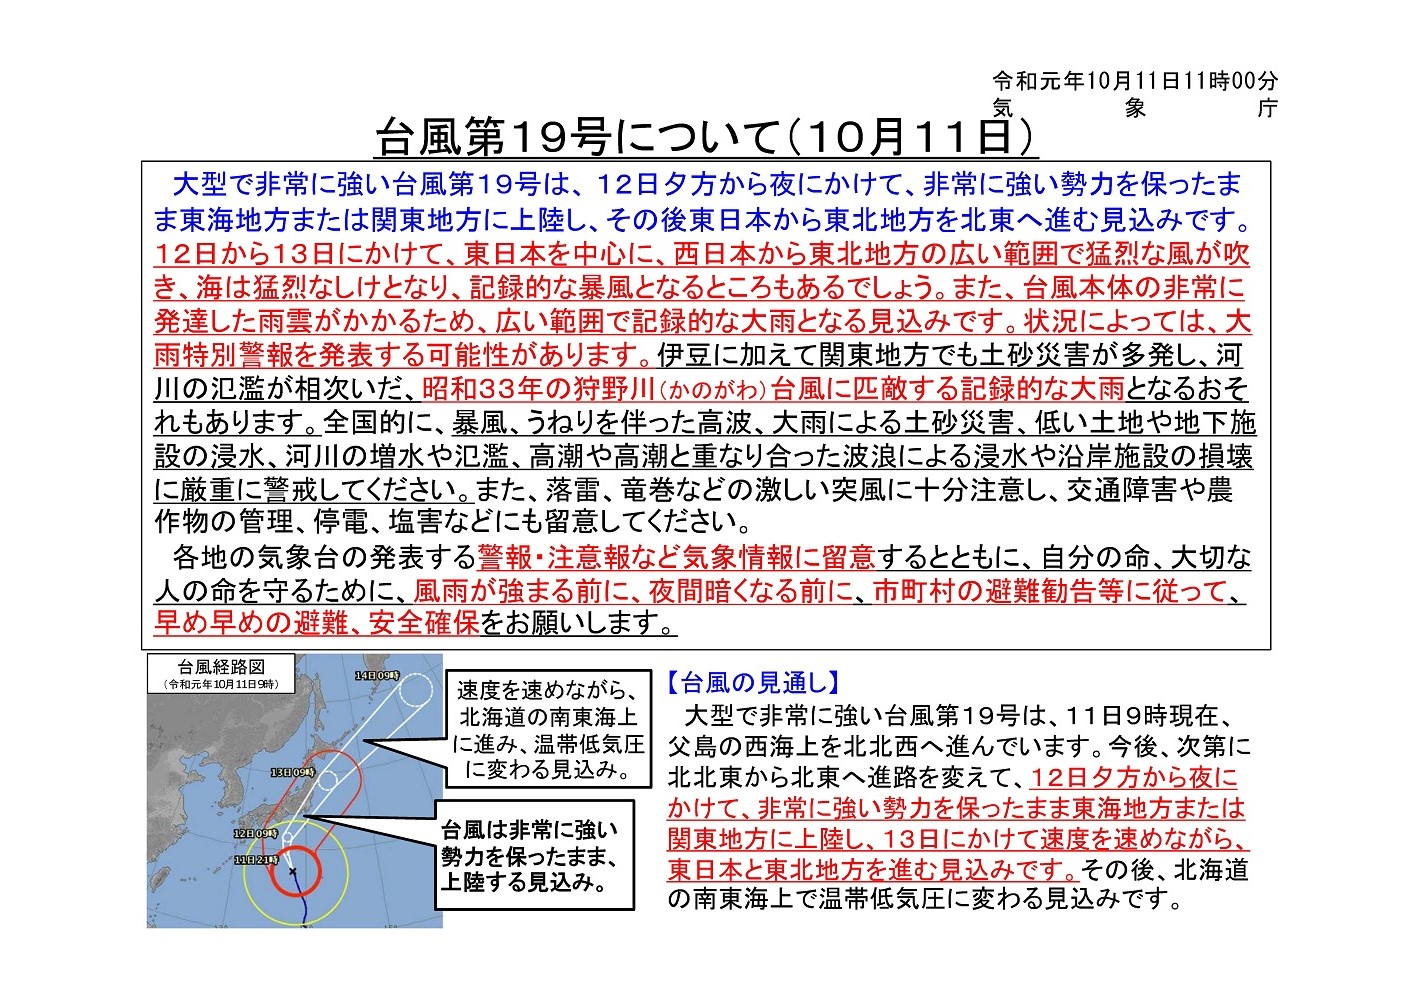 【気象庁連絡事項】資料